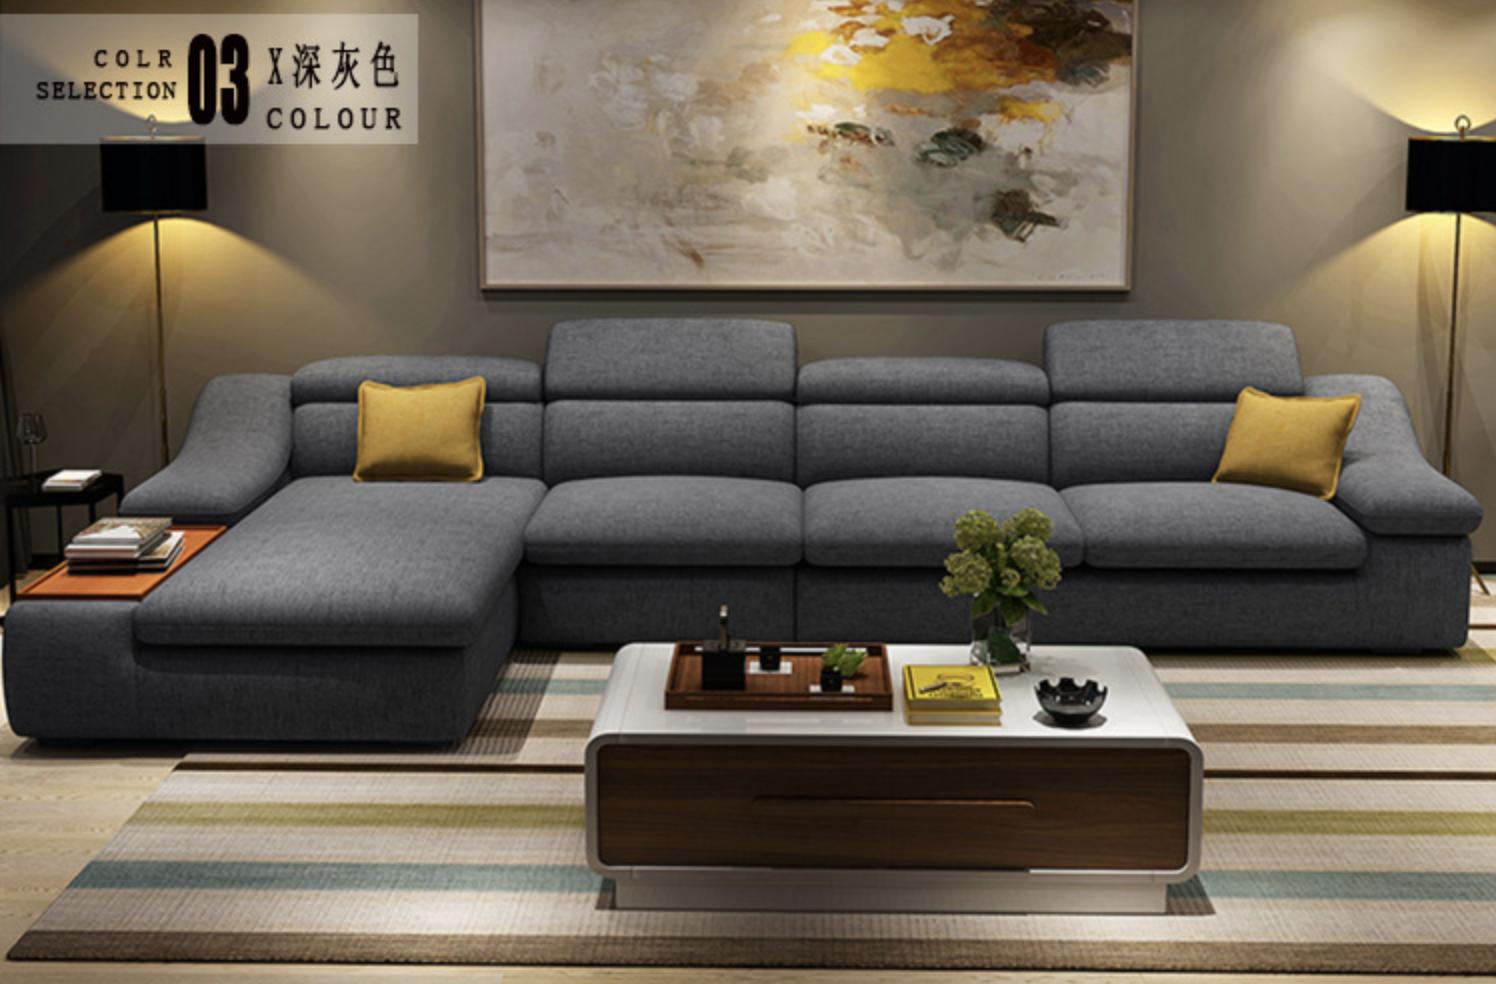 Sofa2 Dark Grey Living Room Sofa Design Sofa Design Living Room Decor Apartment